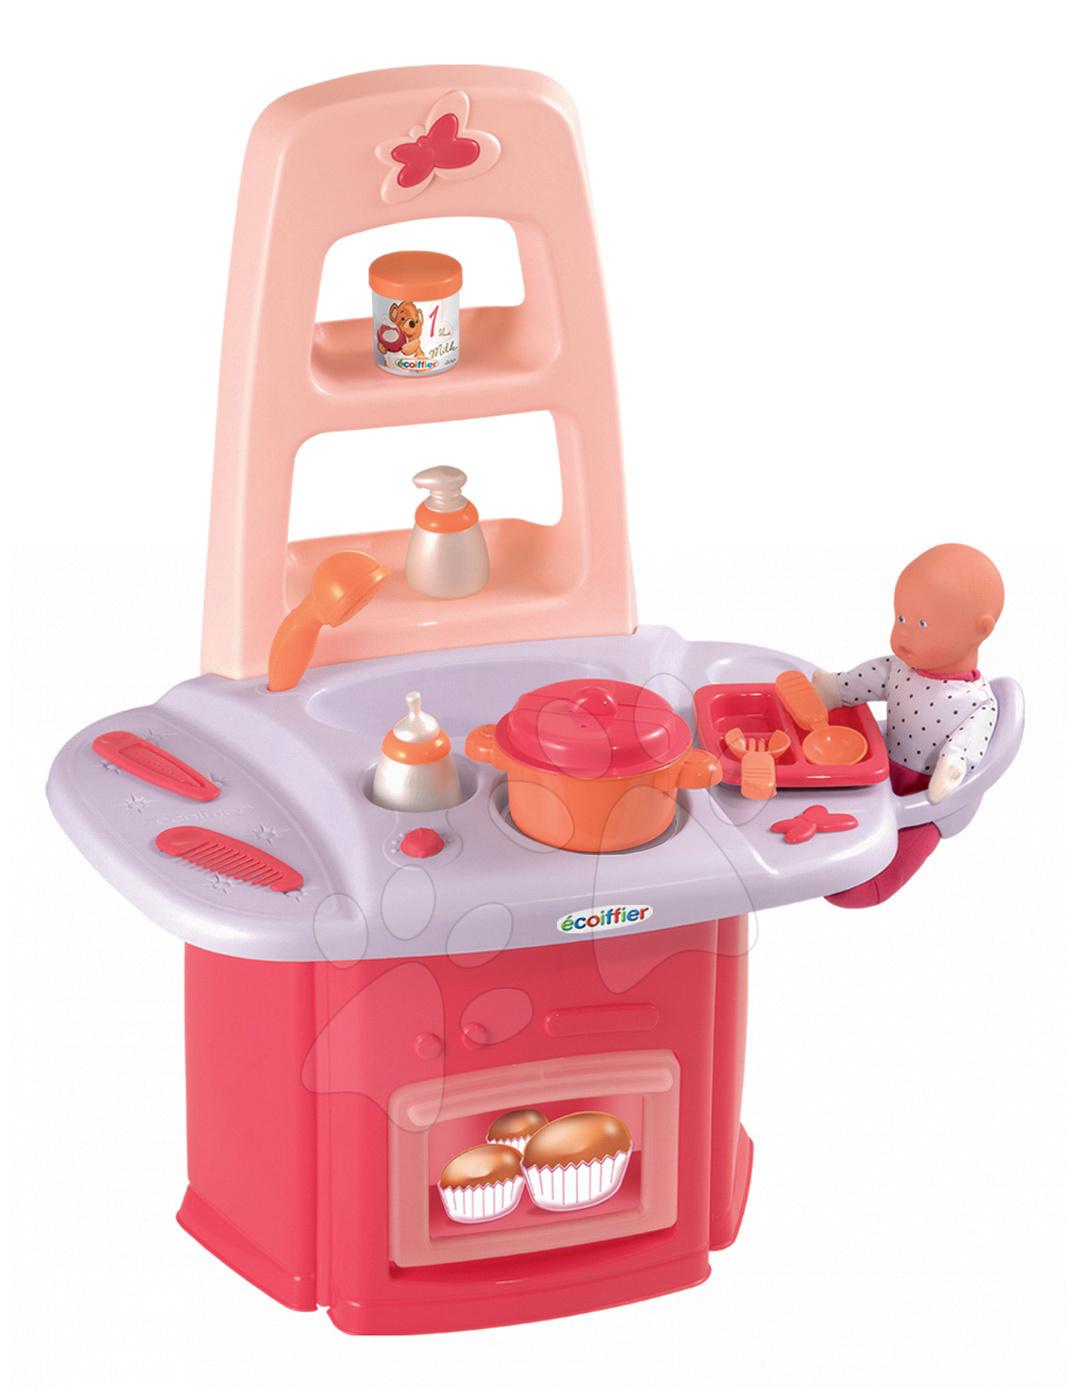 Přebalovací stolek Nursery Écoiffier pro panenku s kuchyňkou se 14 doplňky od 18 měsíců